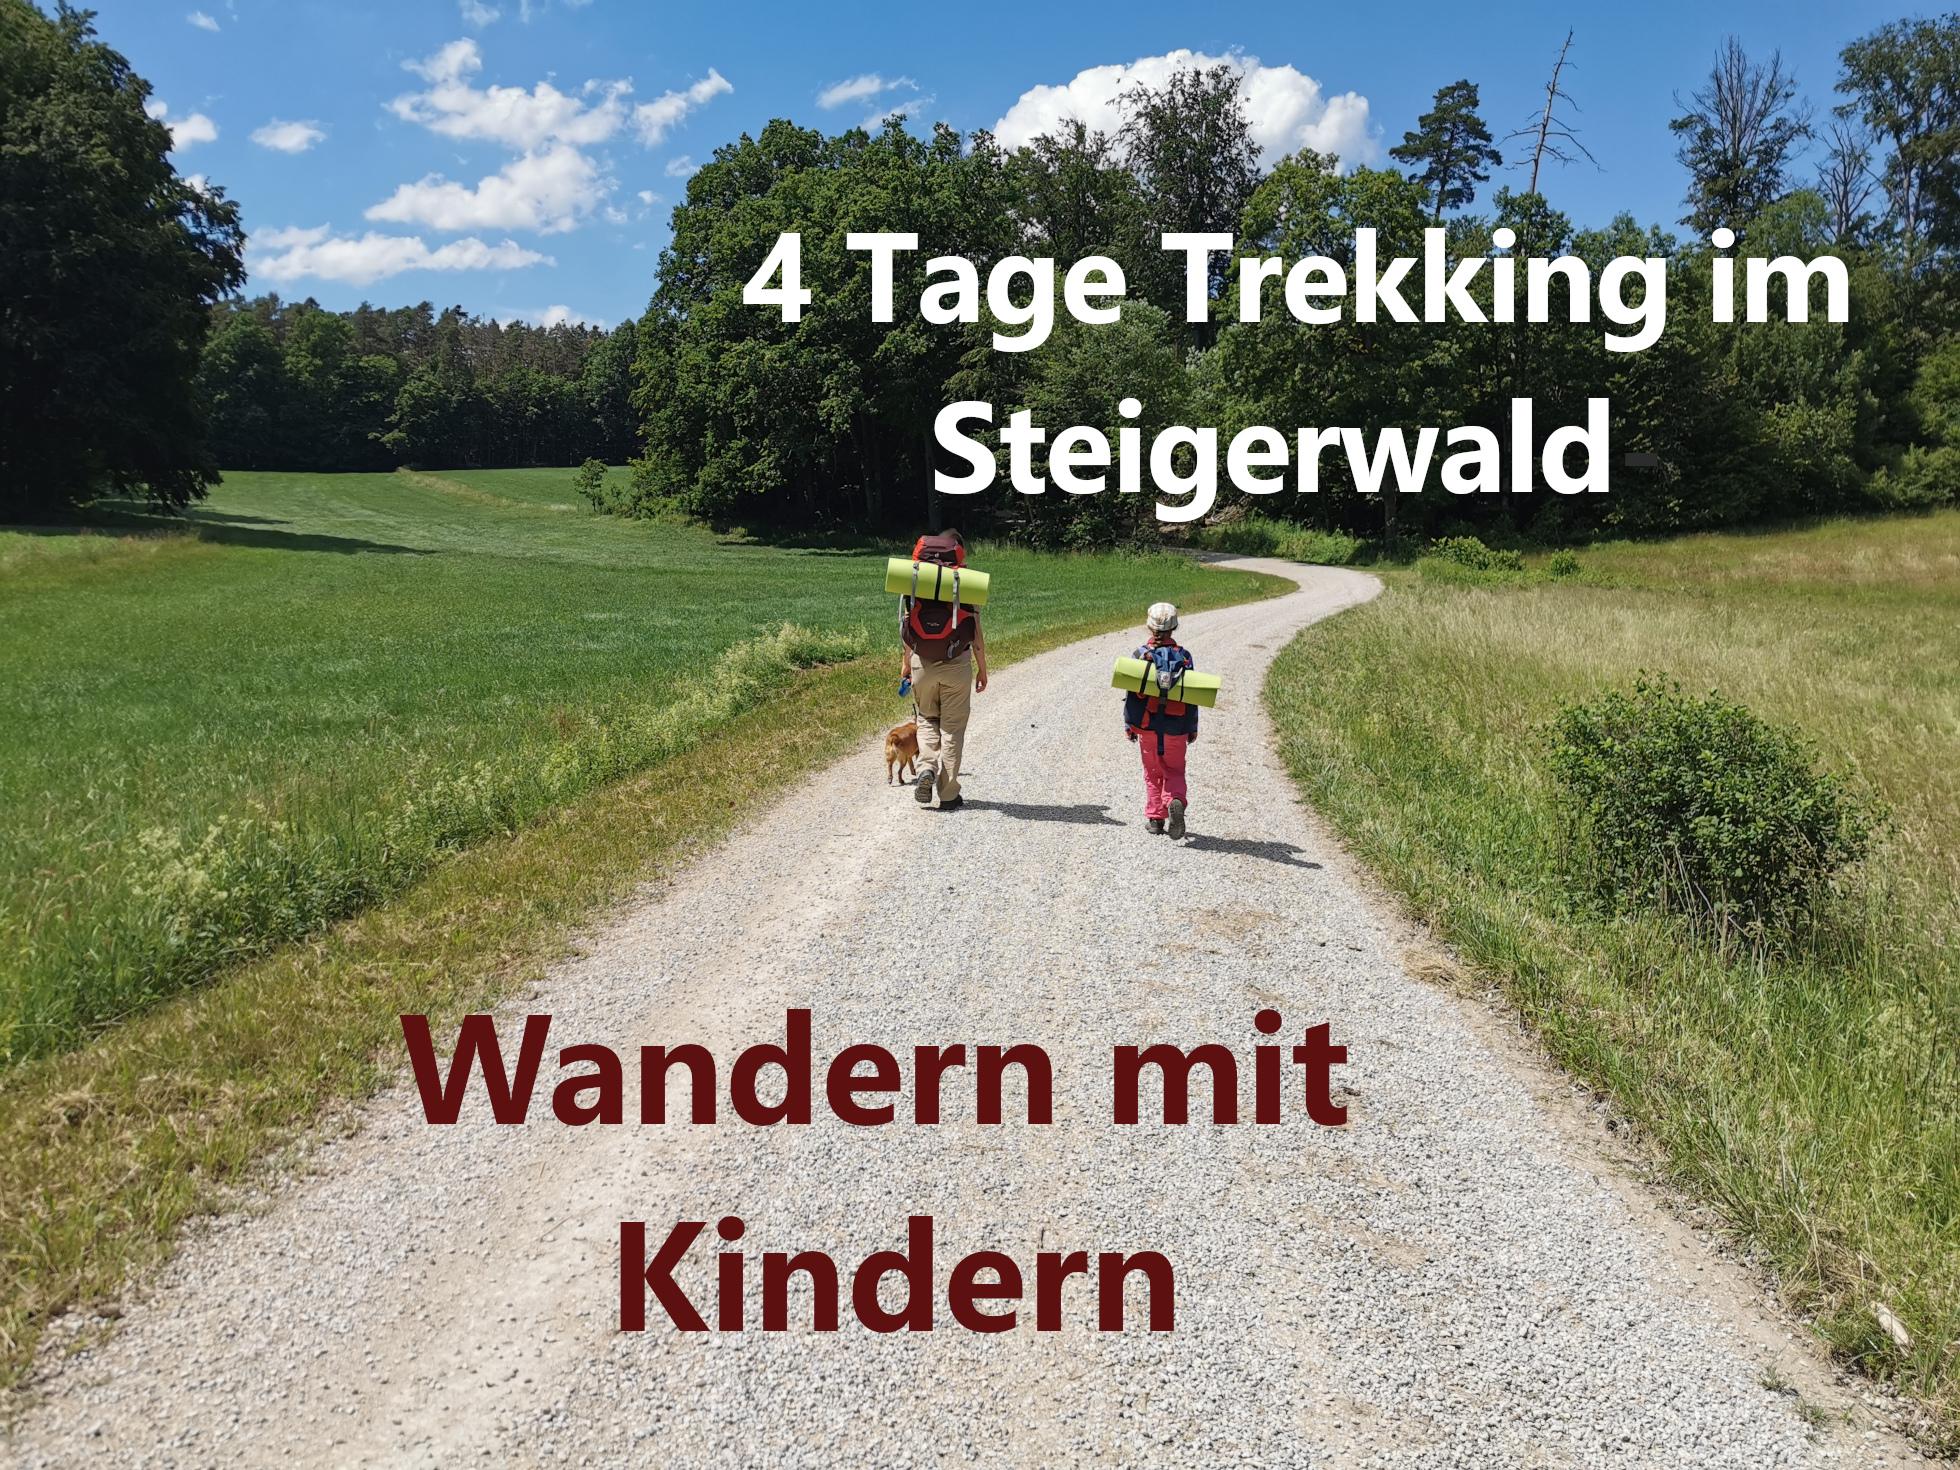 Wandern mit Kindern - 4 Tage Trekking im Steigerwald